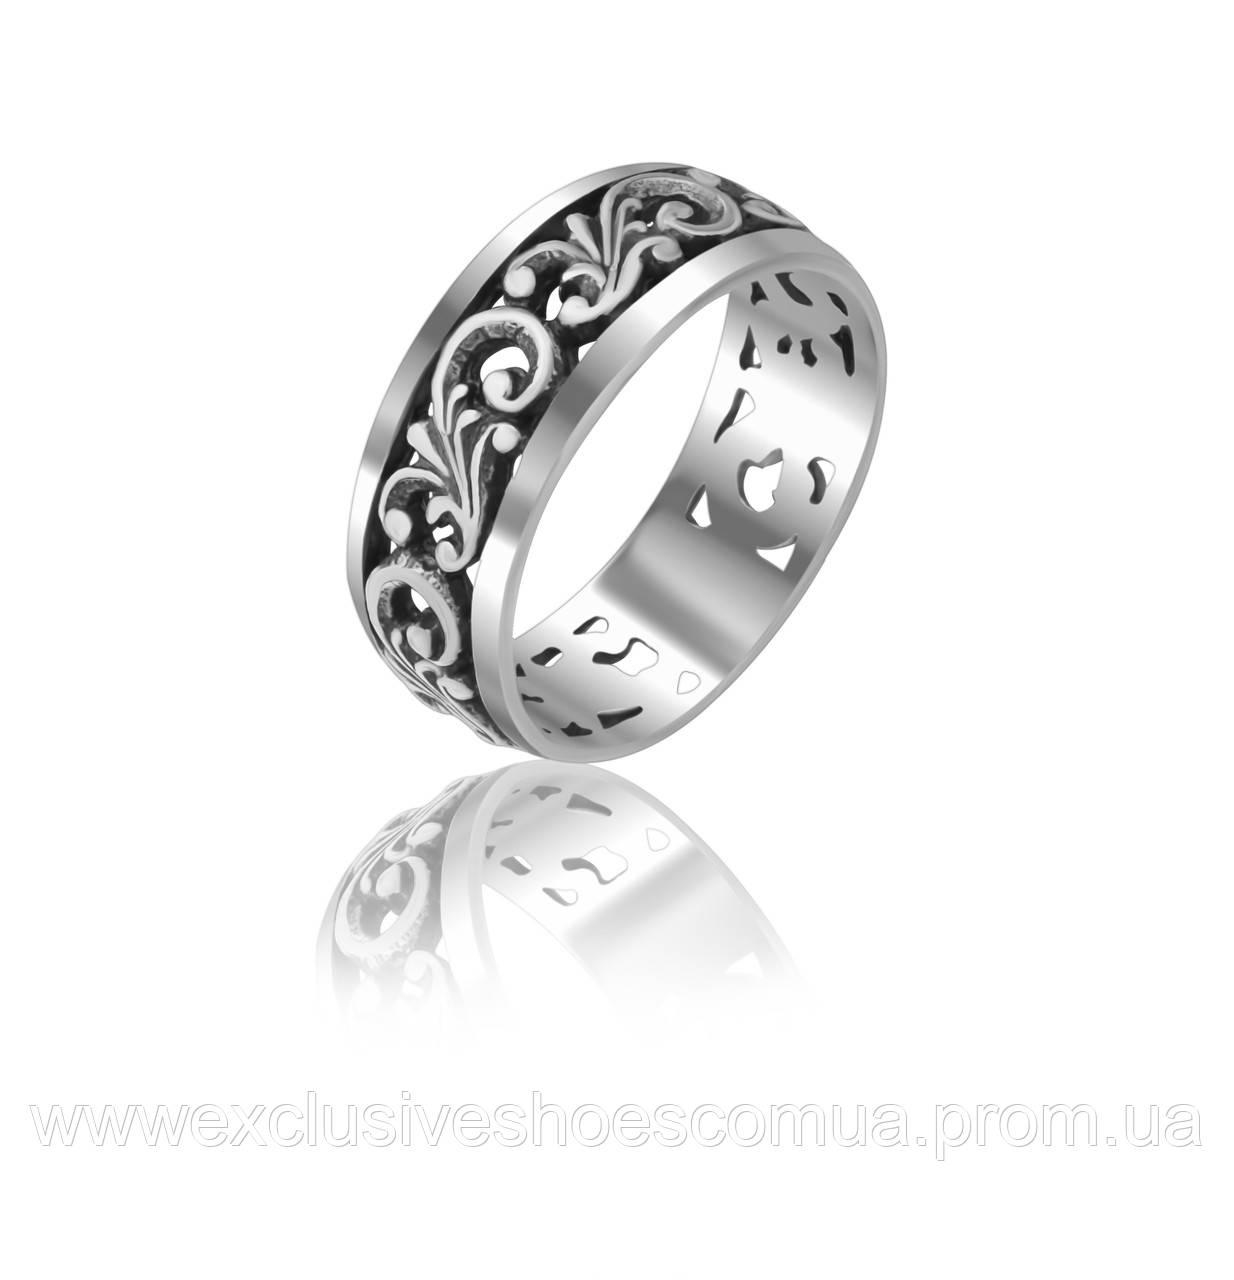 Серебряное кольцо с завитками